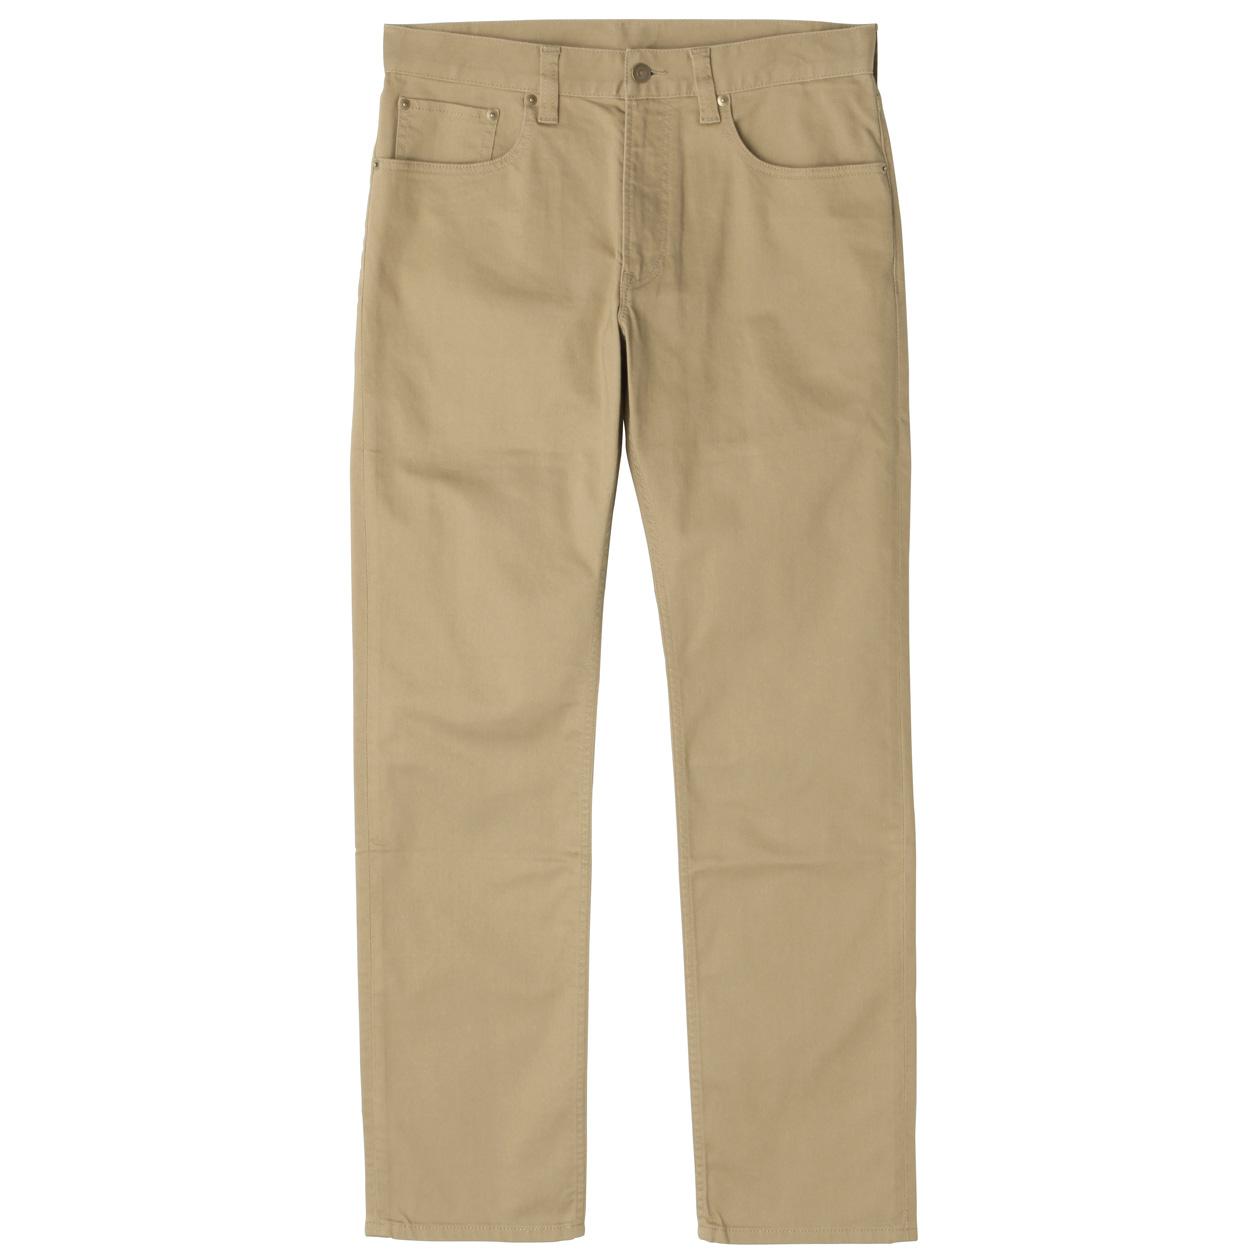 Мужские брюки из кожи доставка